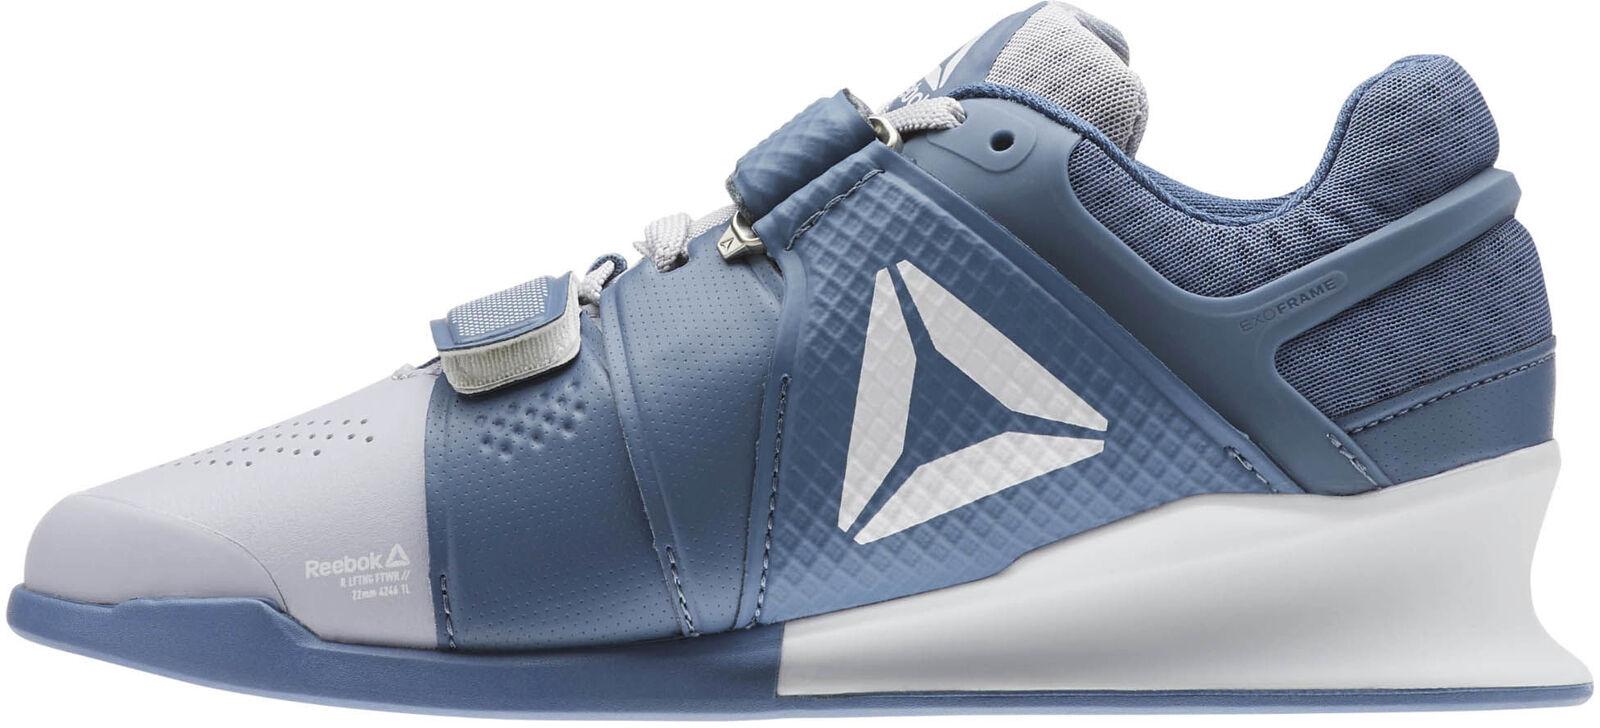 Levantador De Mujer Zapatos de Halterofilia Reebok legado Azul Gimnasio Culturismo botas